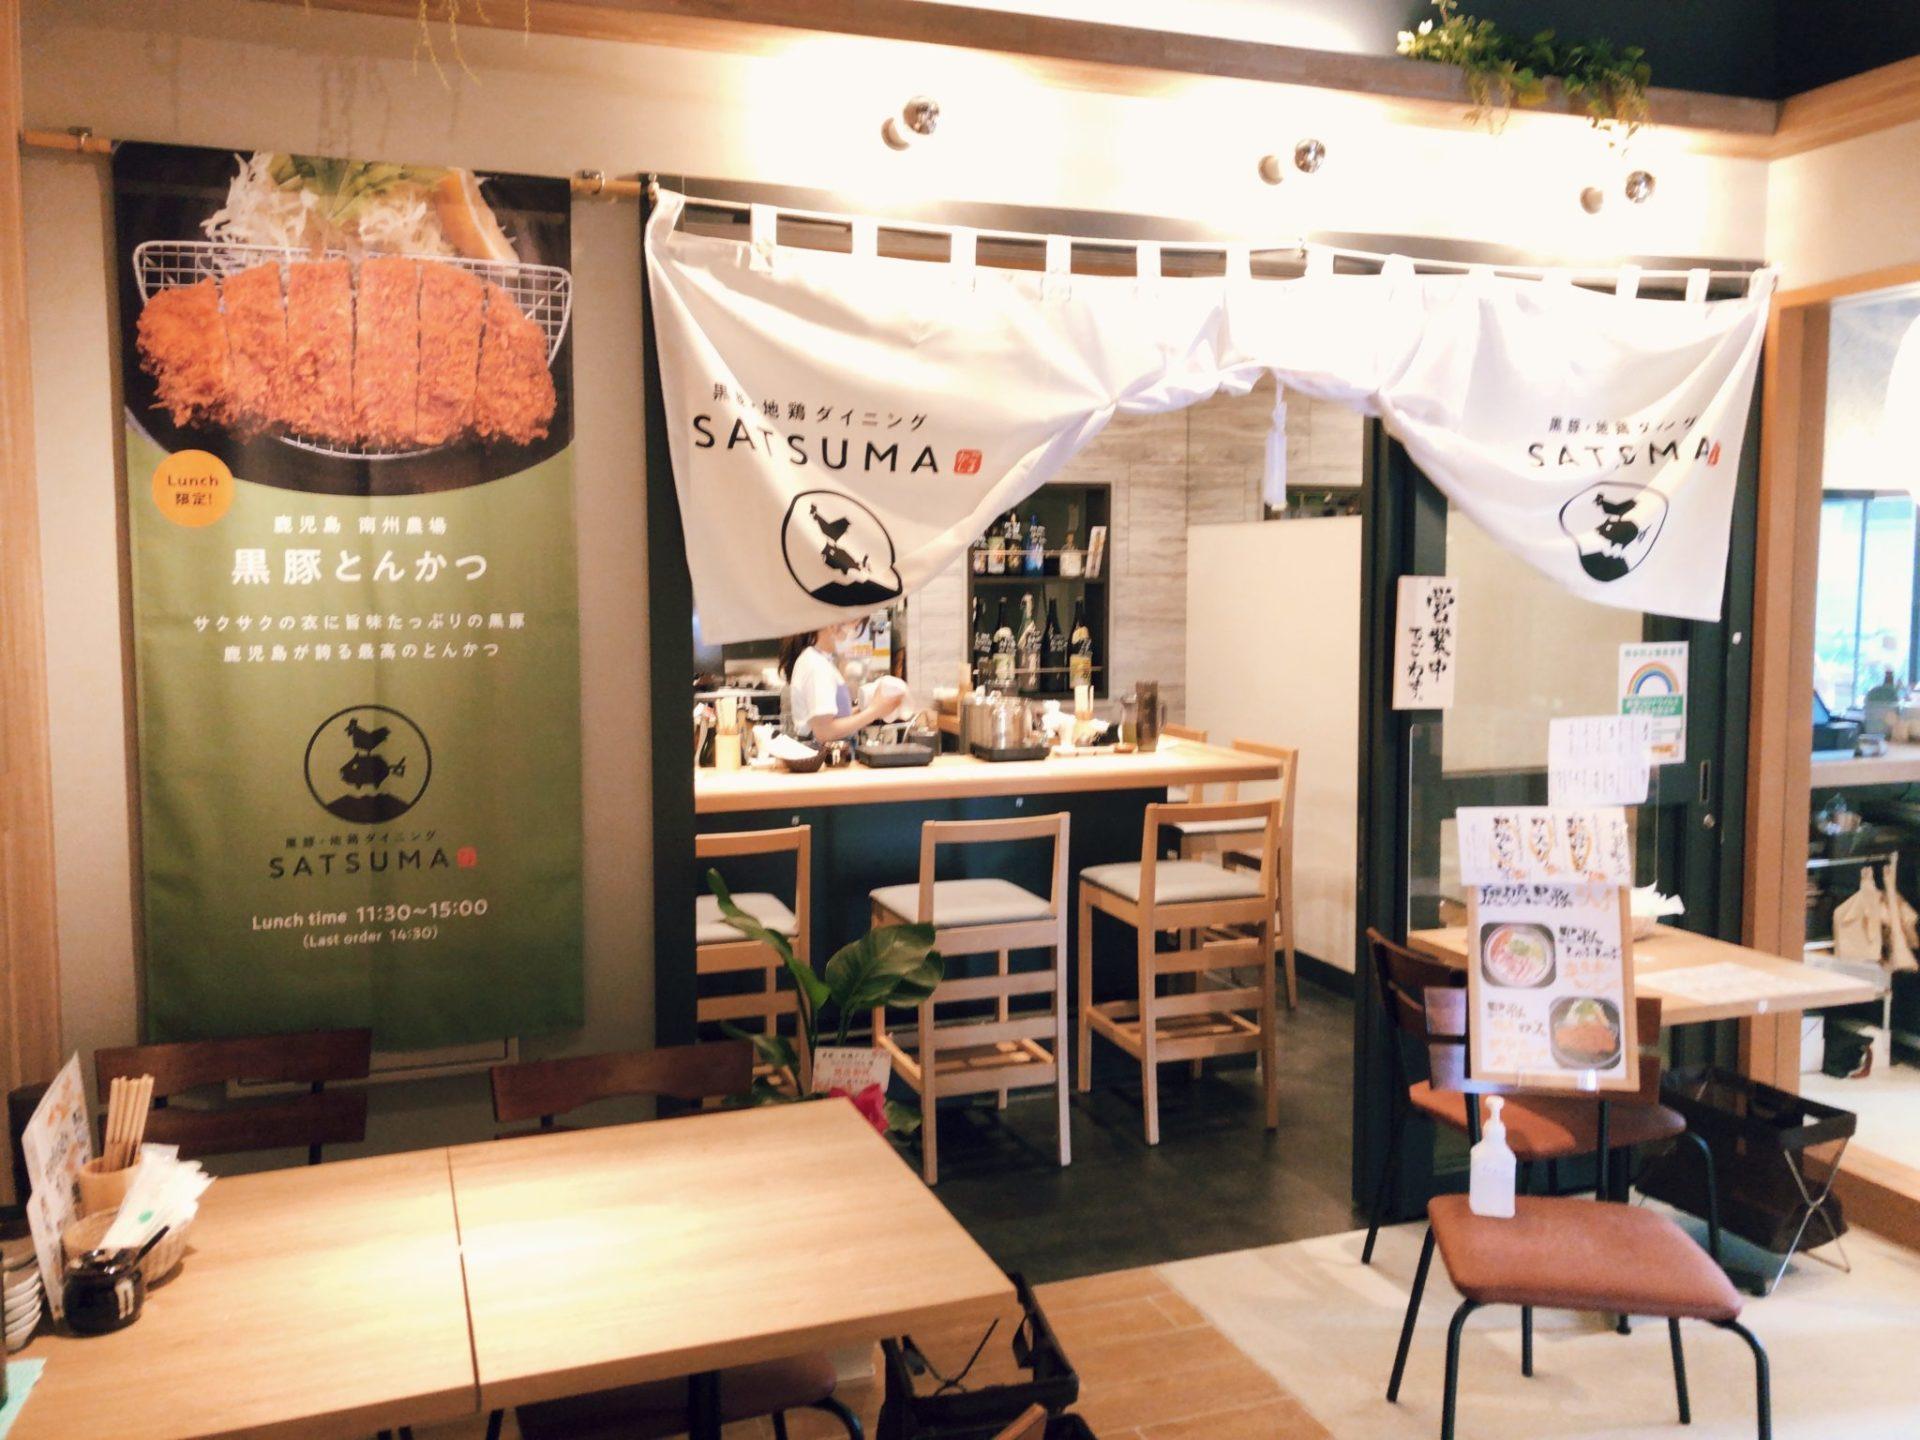 黒豚・地鶏ダイニング SATSUMA(サツマ)原宿店の外観